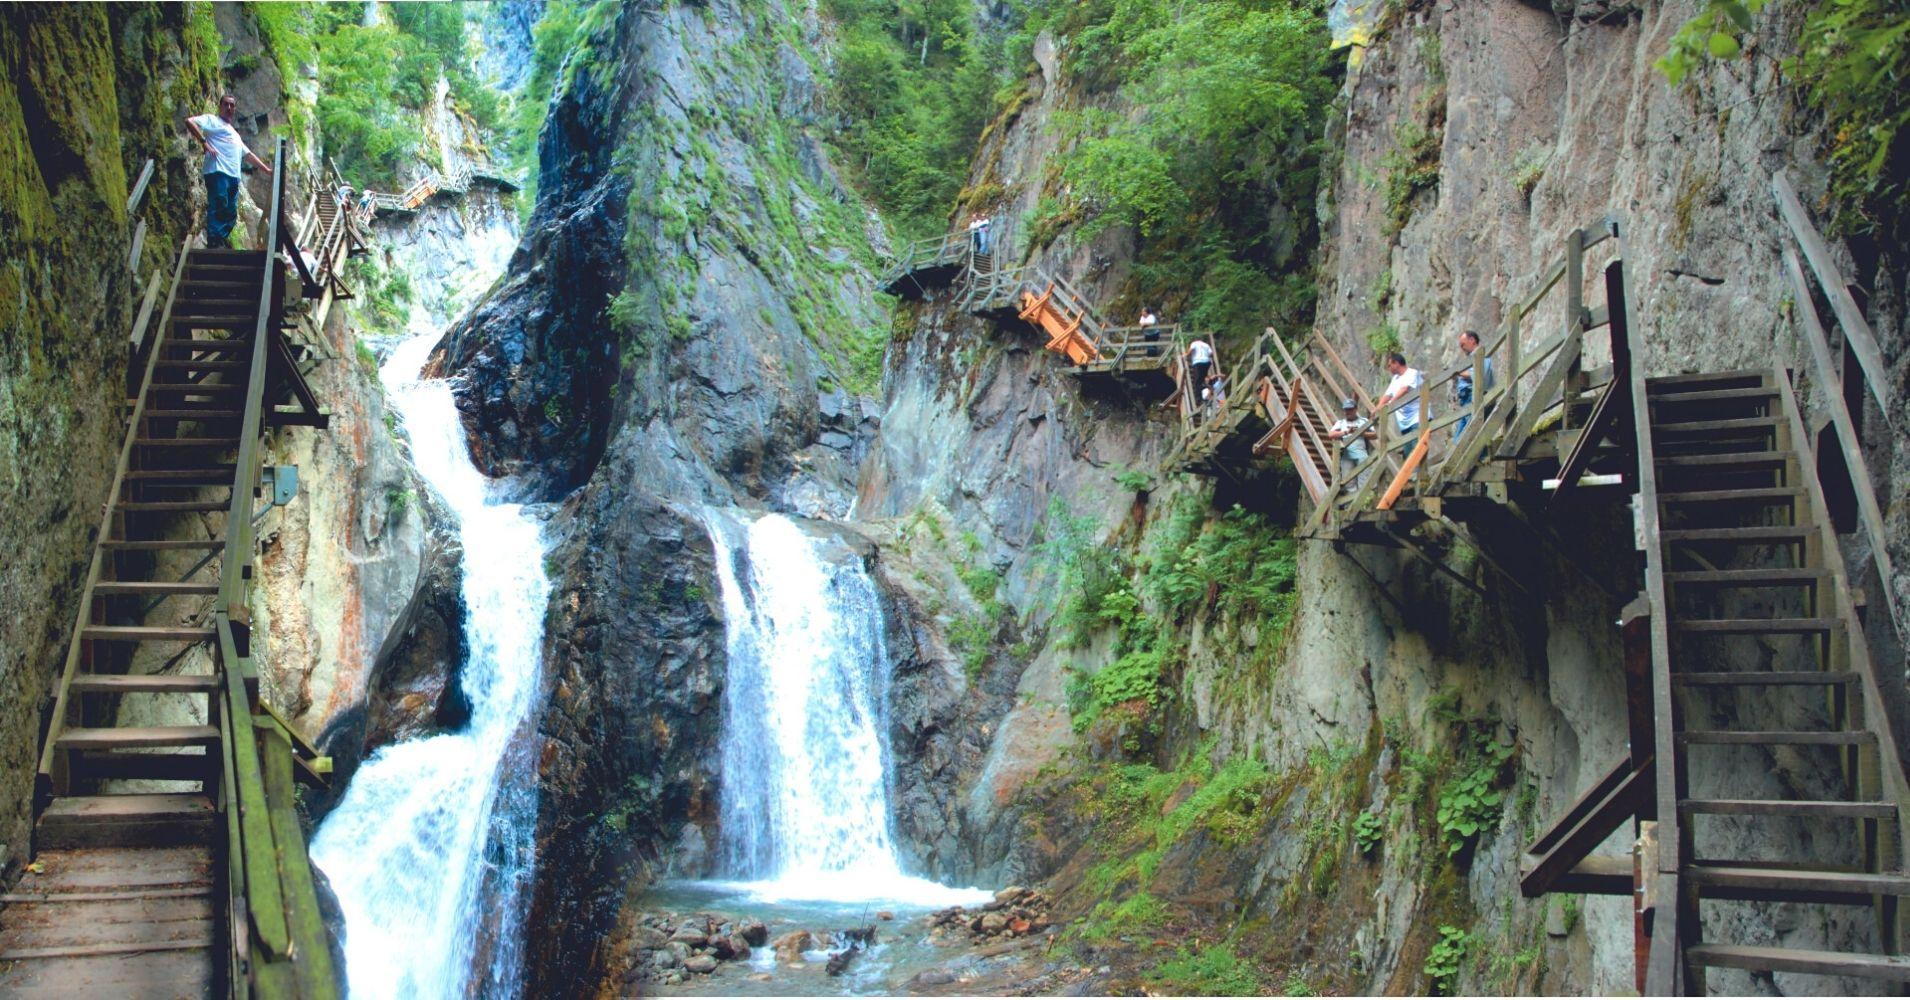 Gorges du Durnand. Les Valettes, Valais en Suiza.